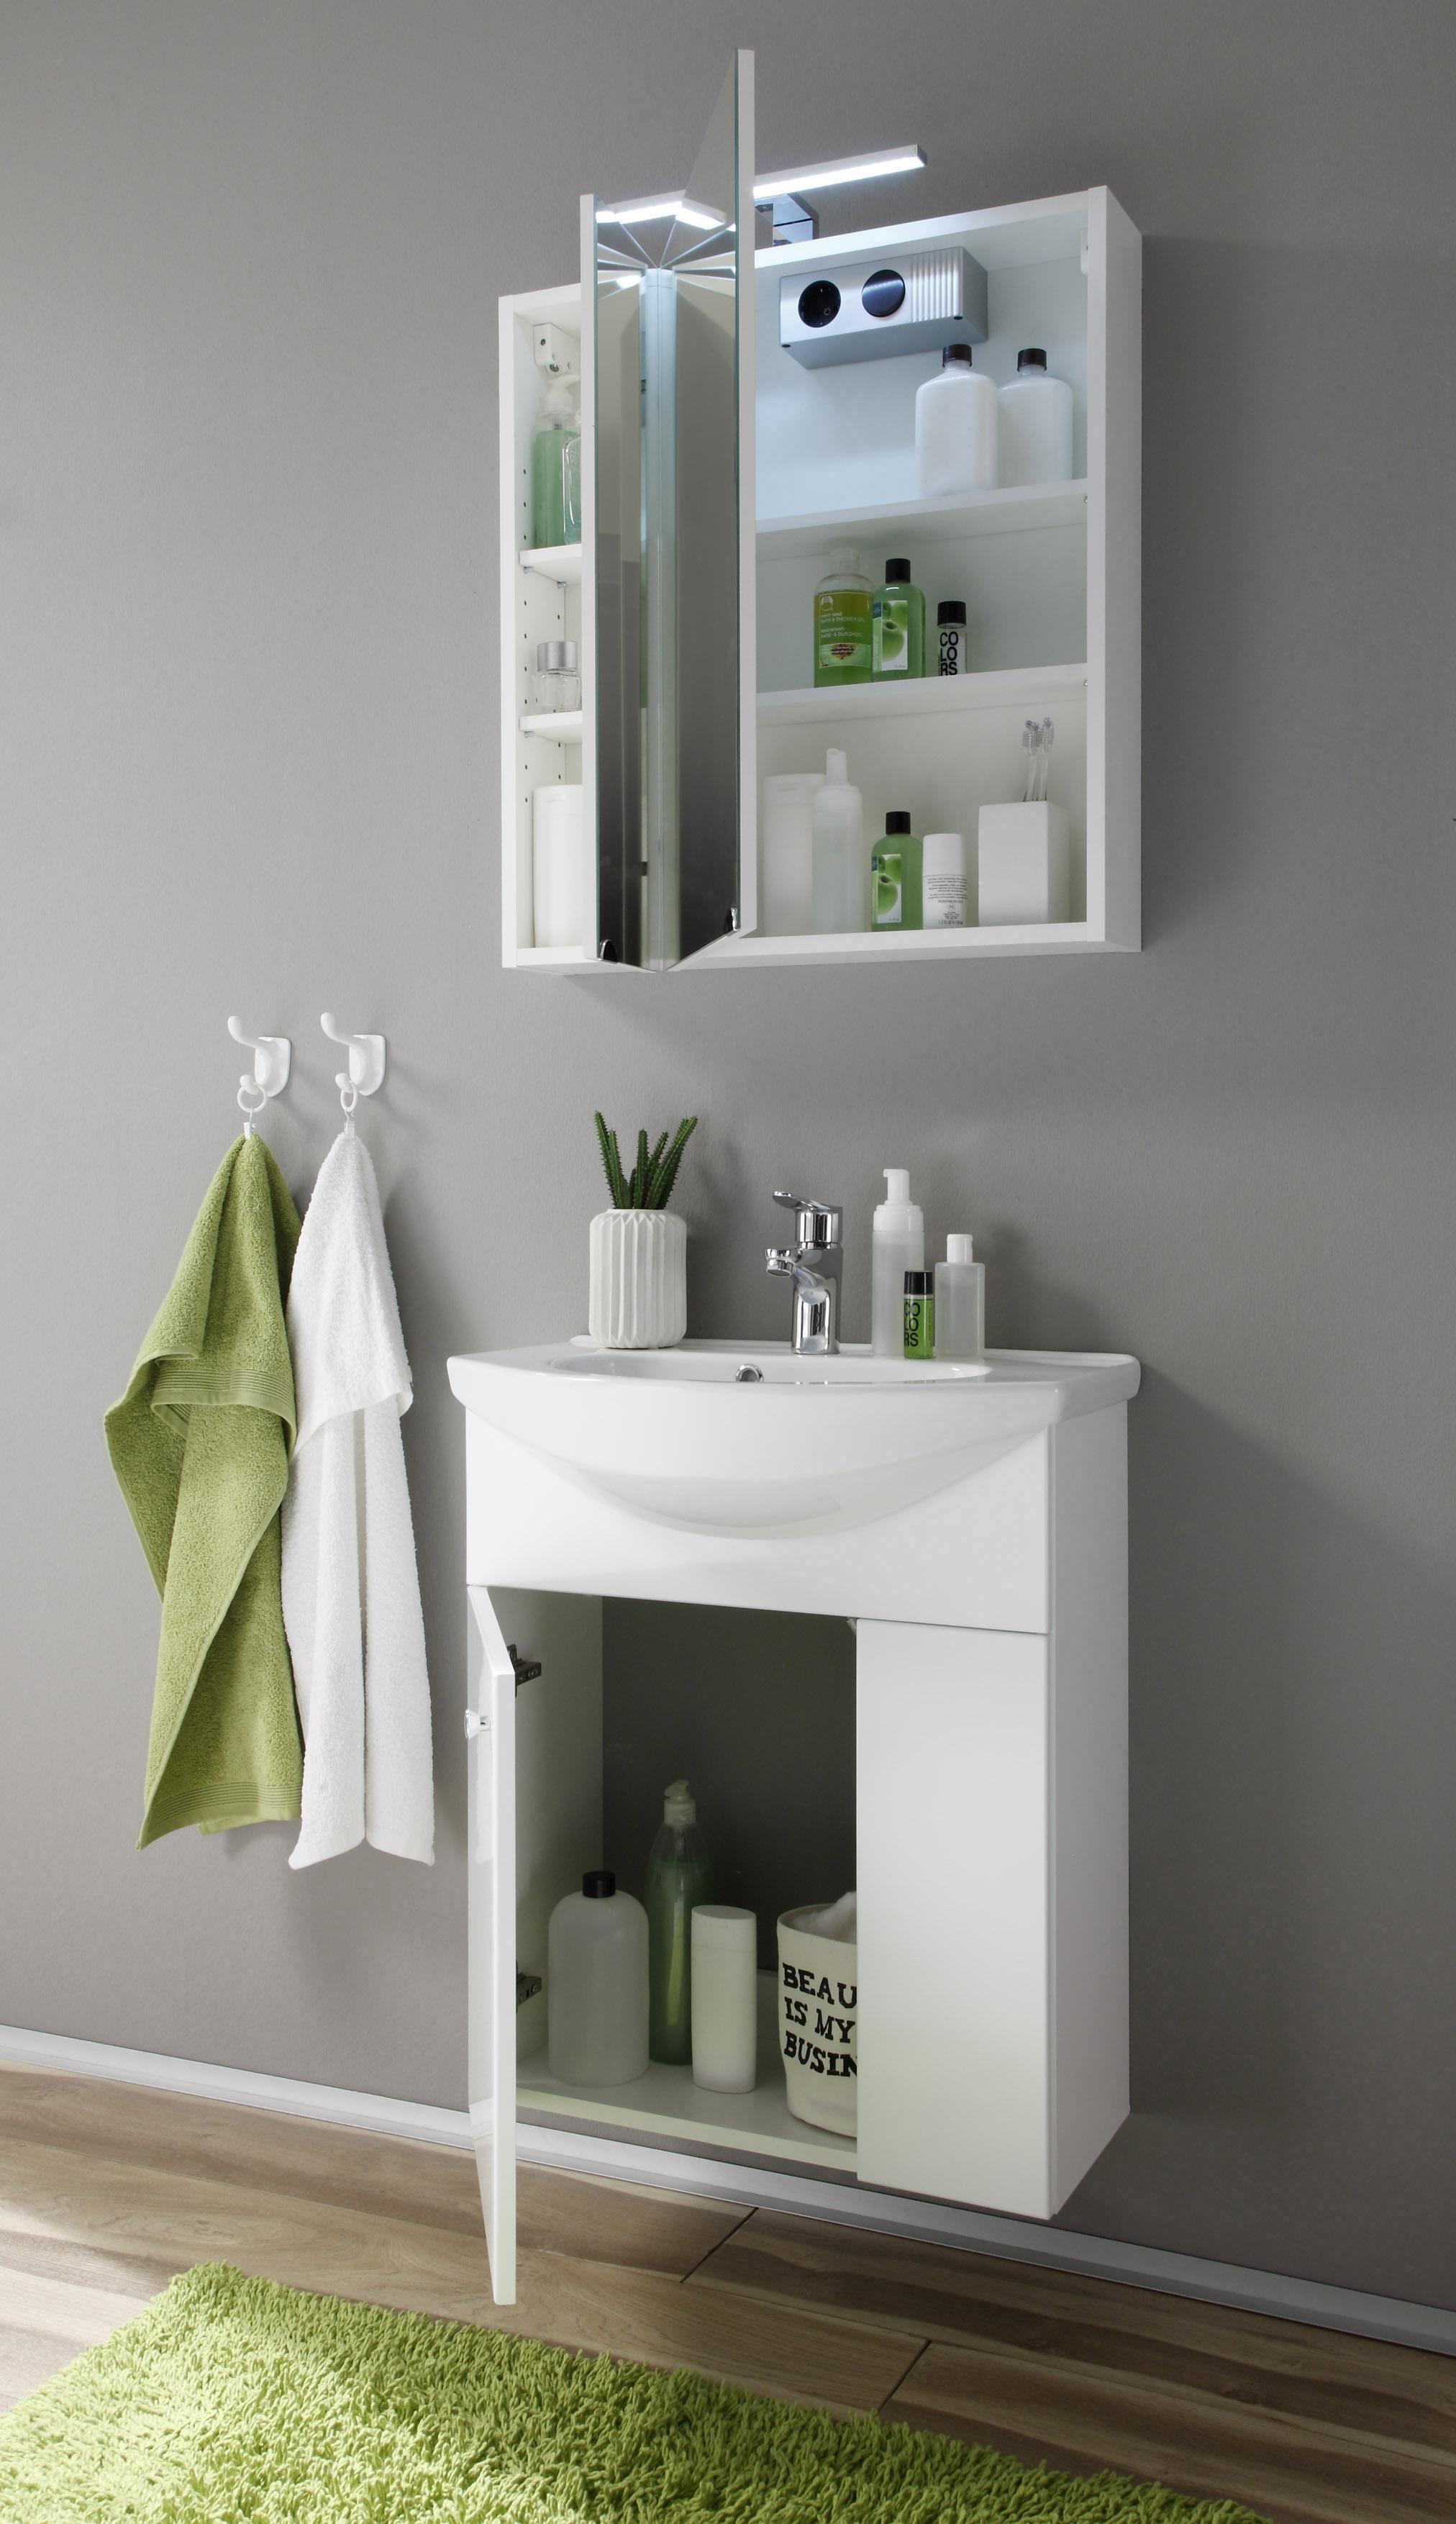 mit diesen badm beln haben sie beste voraussetzungen f r eine perfekte morgenhygiene das 3. Black Bedroom Furniture Sets. Home Design Ideas